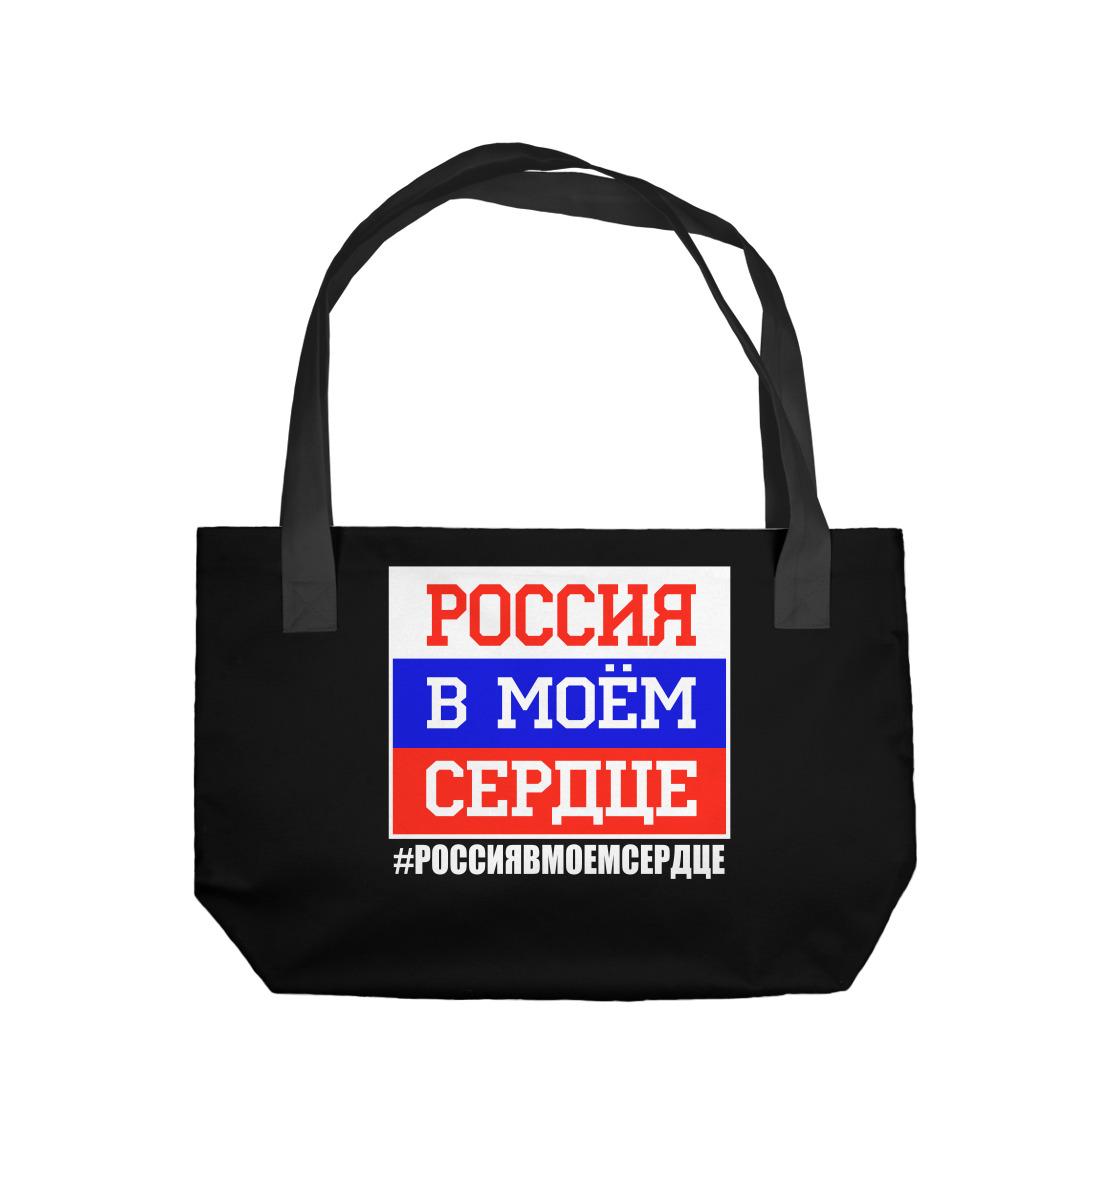 Россия в моем сердце